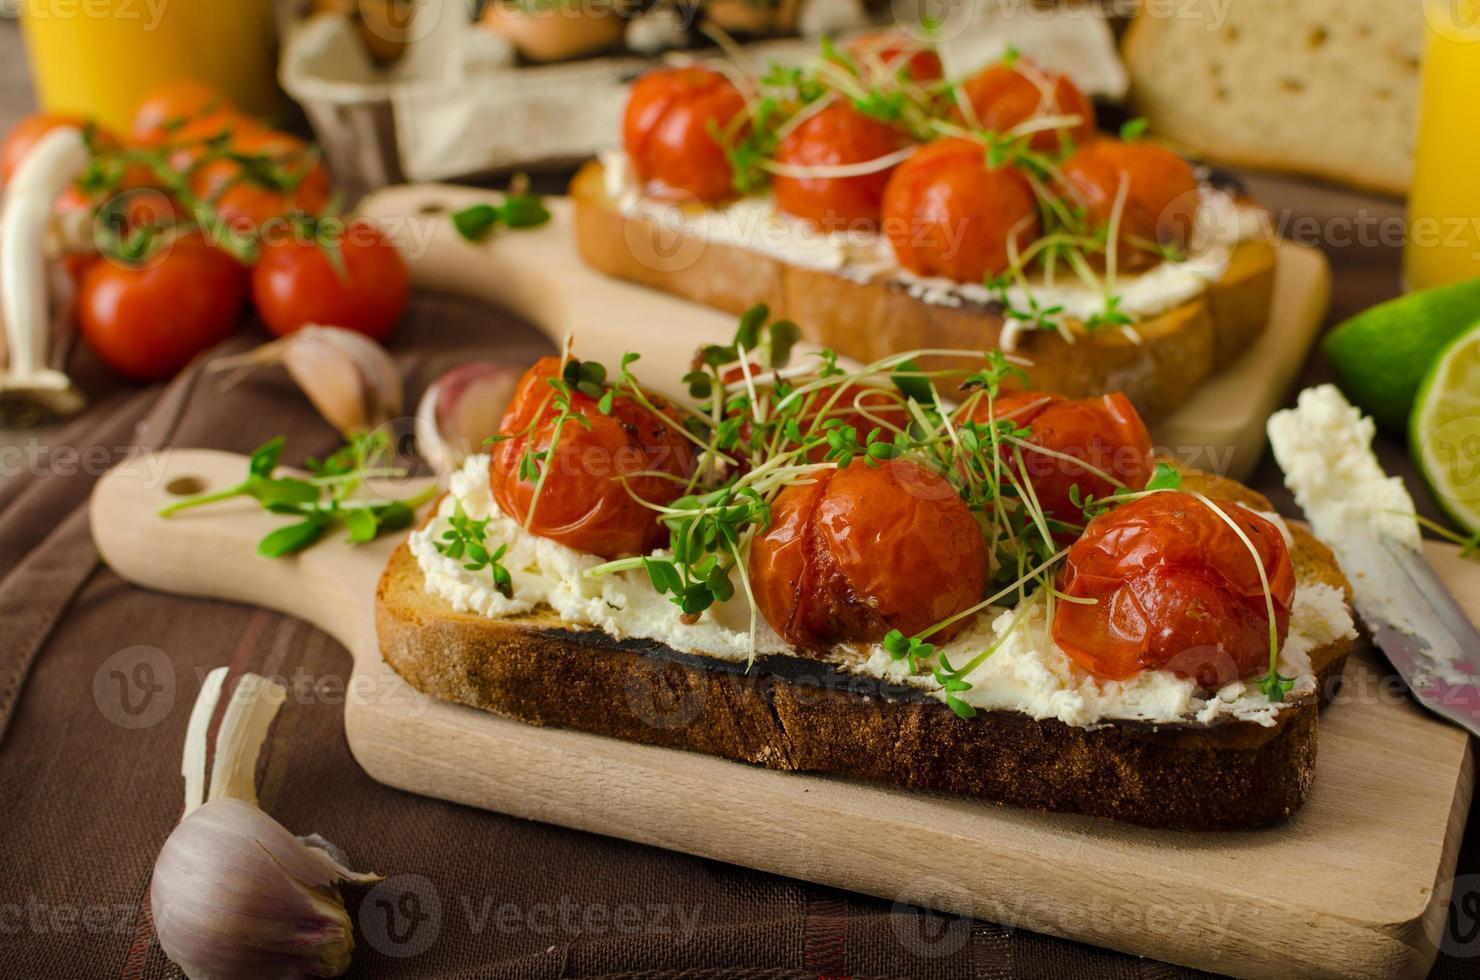 geröstete Kirschtomatensauce und Ricotta auf Toast foto